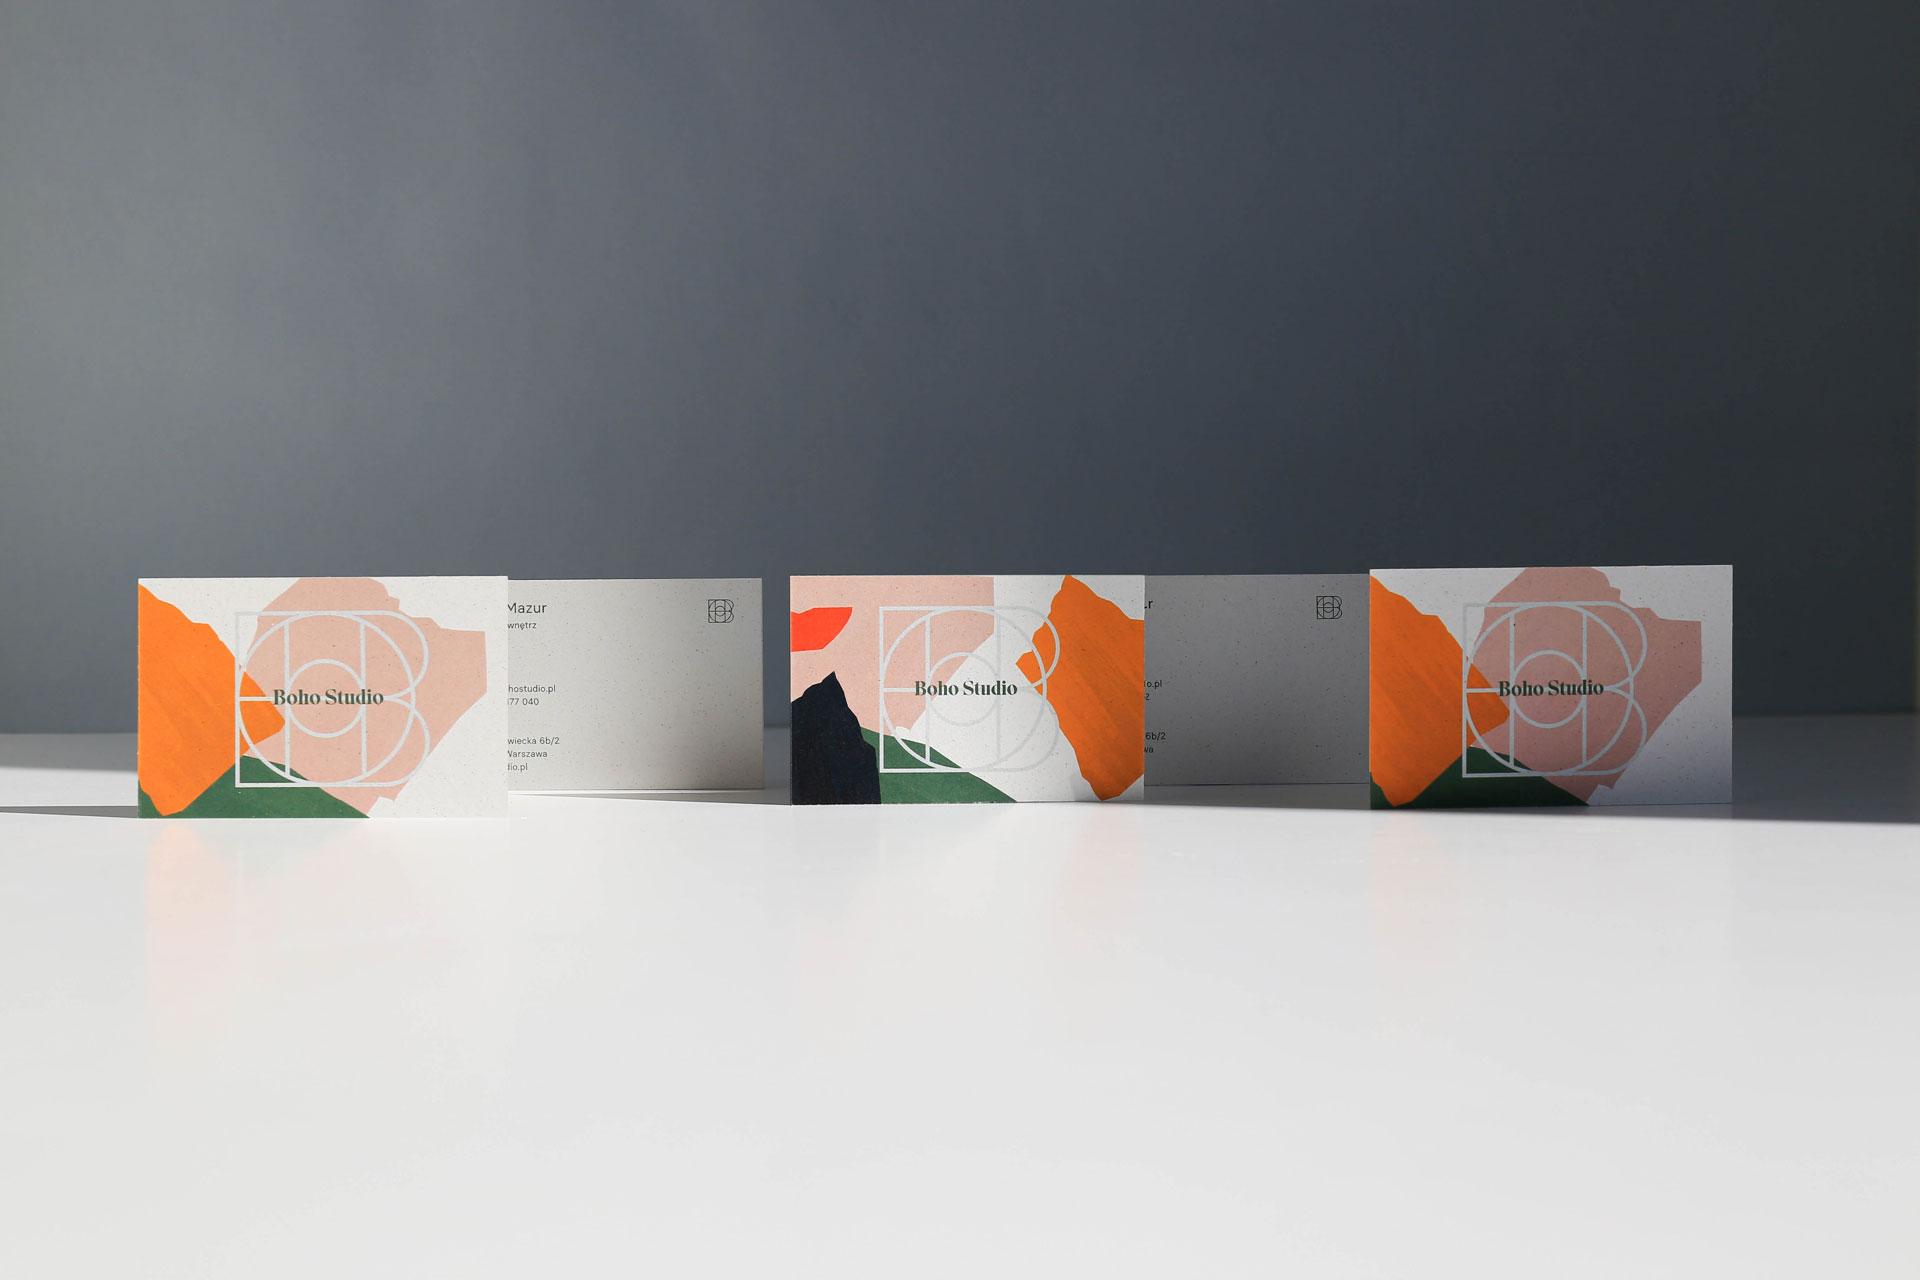 Business cards - Boho Studio by Uniforma